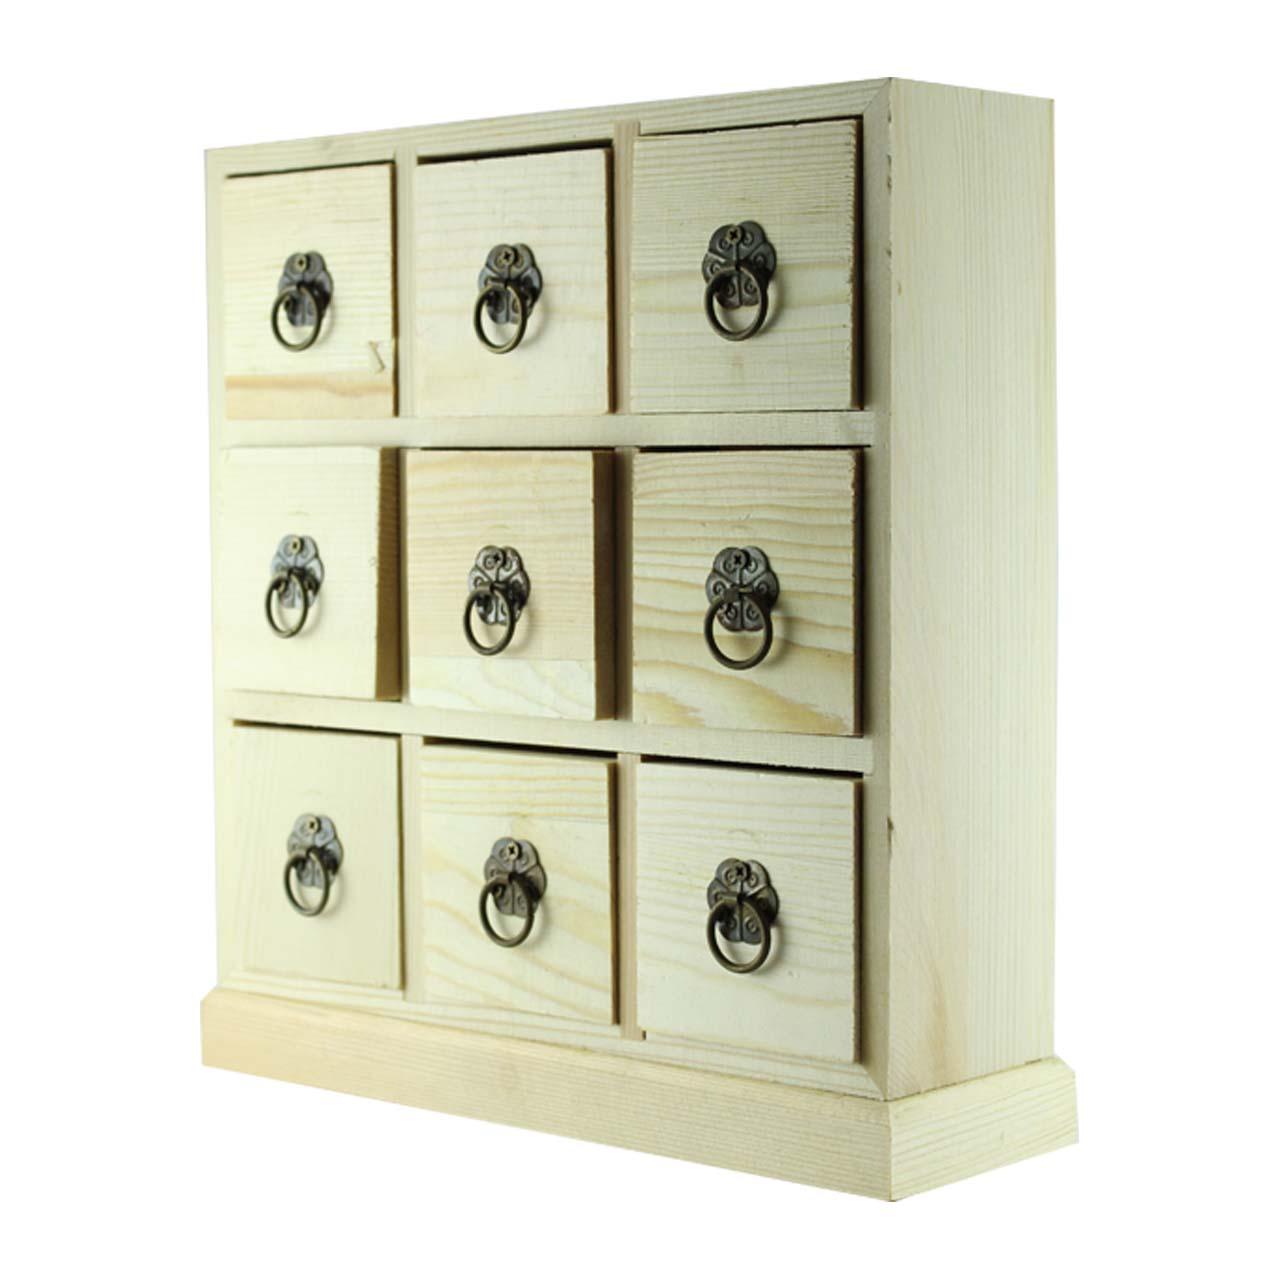 جعبه چوبی ارت کیوب مدل 9 خانه